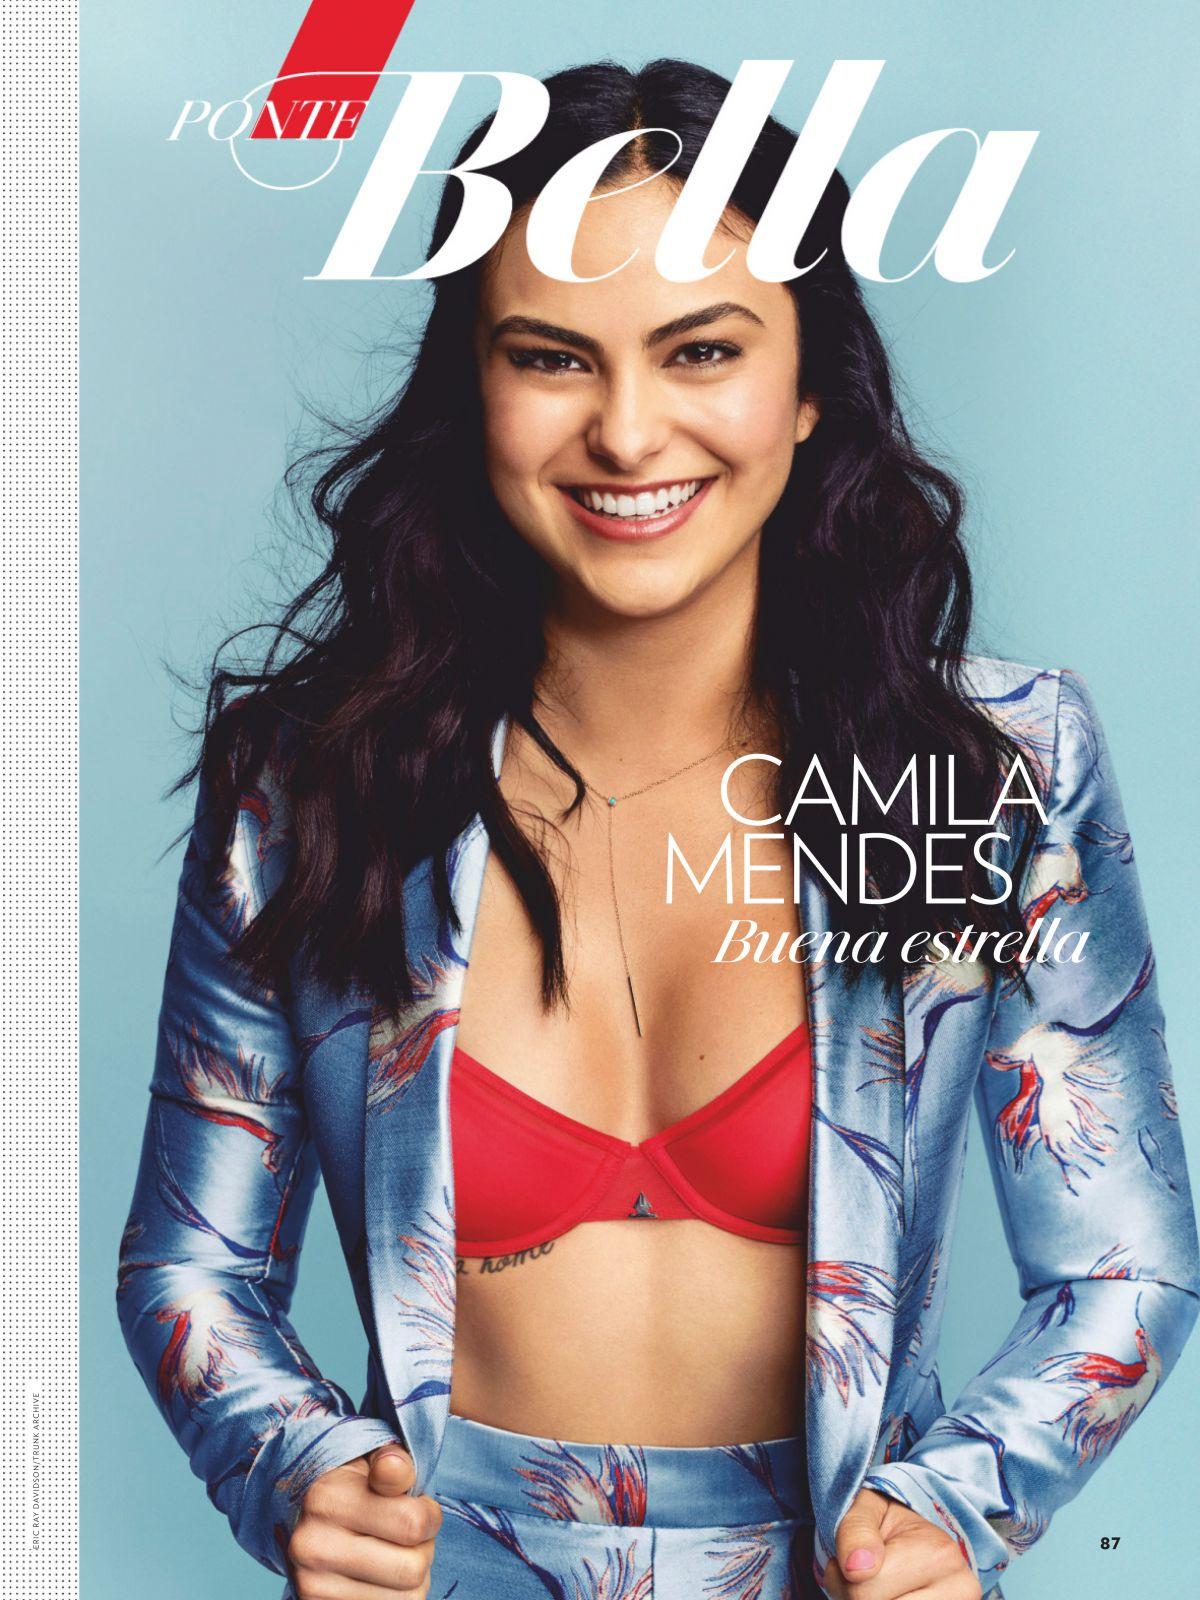 Download Camila Mendes Wallpaper - Kaori Gallery